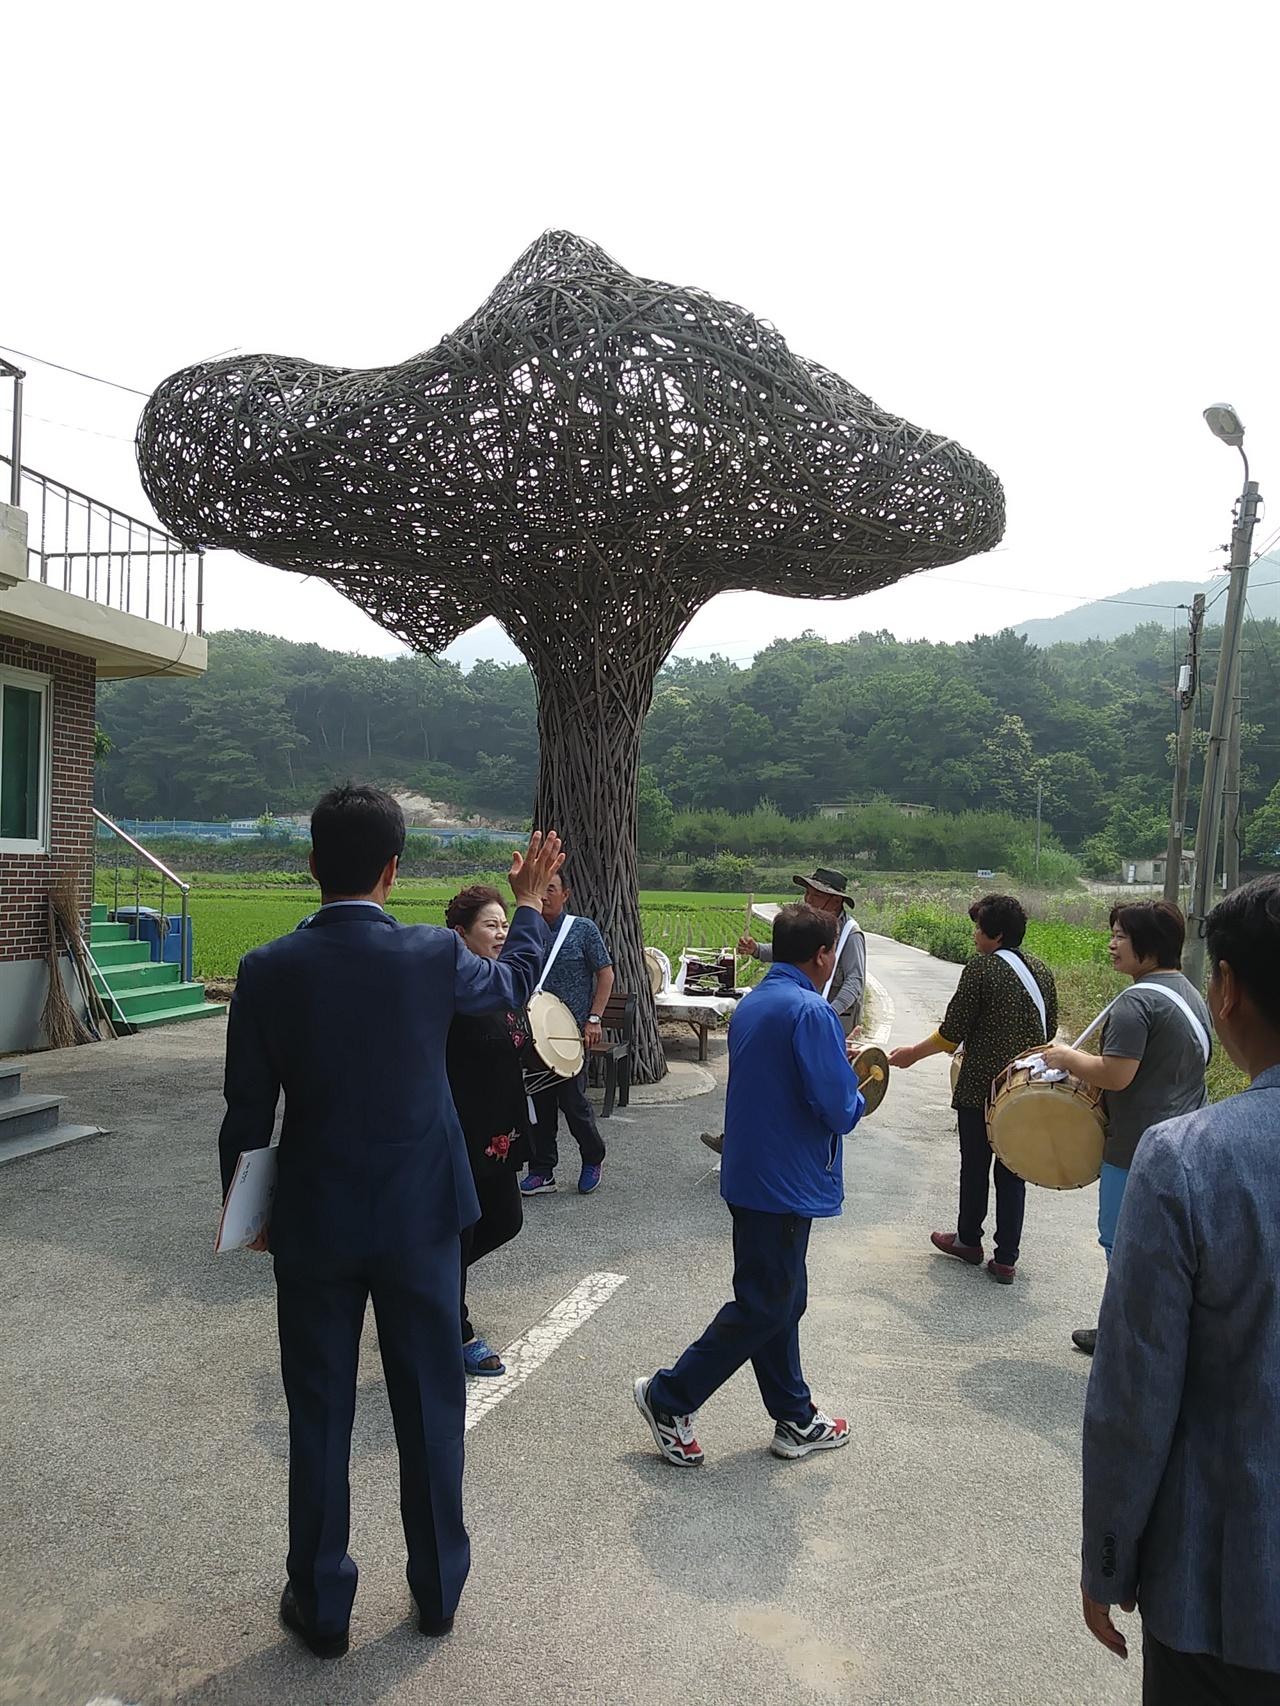 공주 중장리 설치미술  공주 중장리 마을풍물패와 마을미술프로젝트 설치미술 조형물 나무